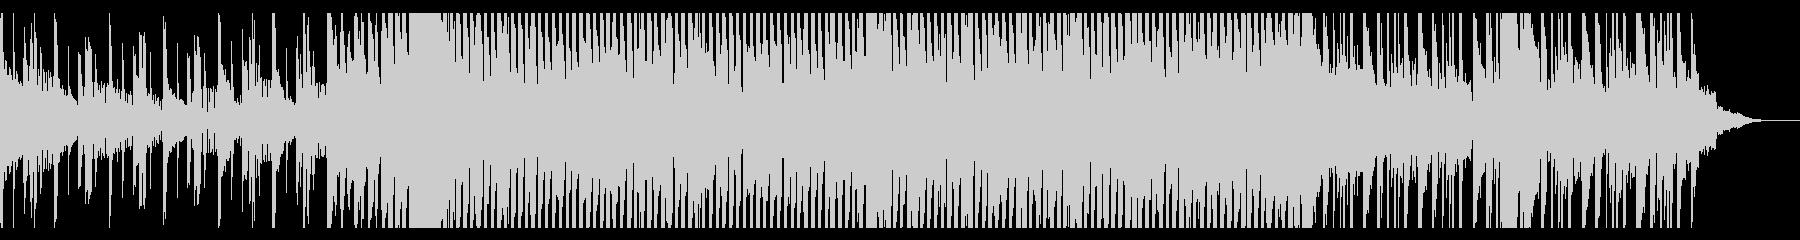 【短いVer4】疾走感のあるポップスの未再生の波形